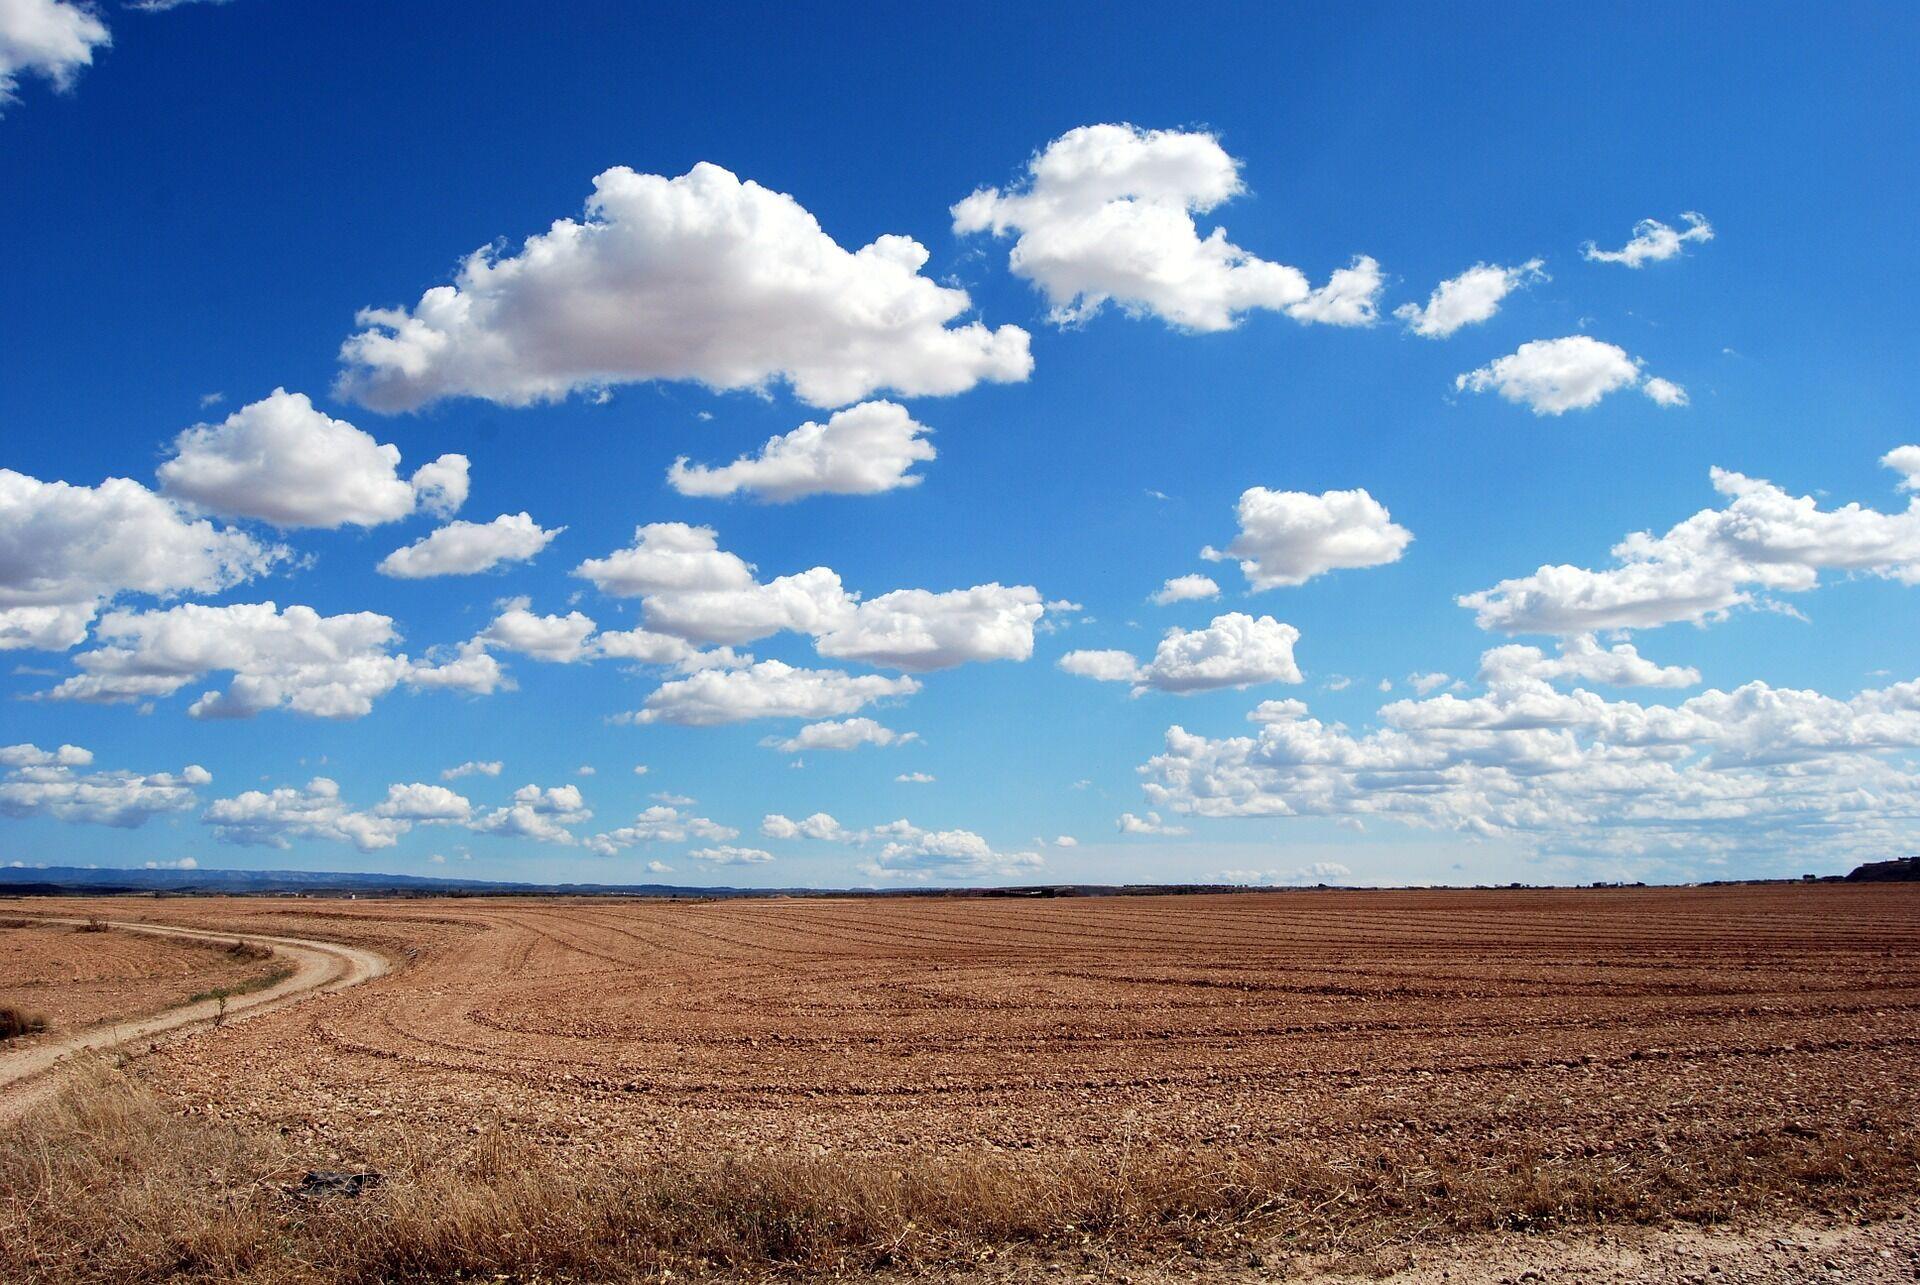 Синие облака плывут по небу – к теплой погоде, но с осадками